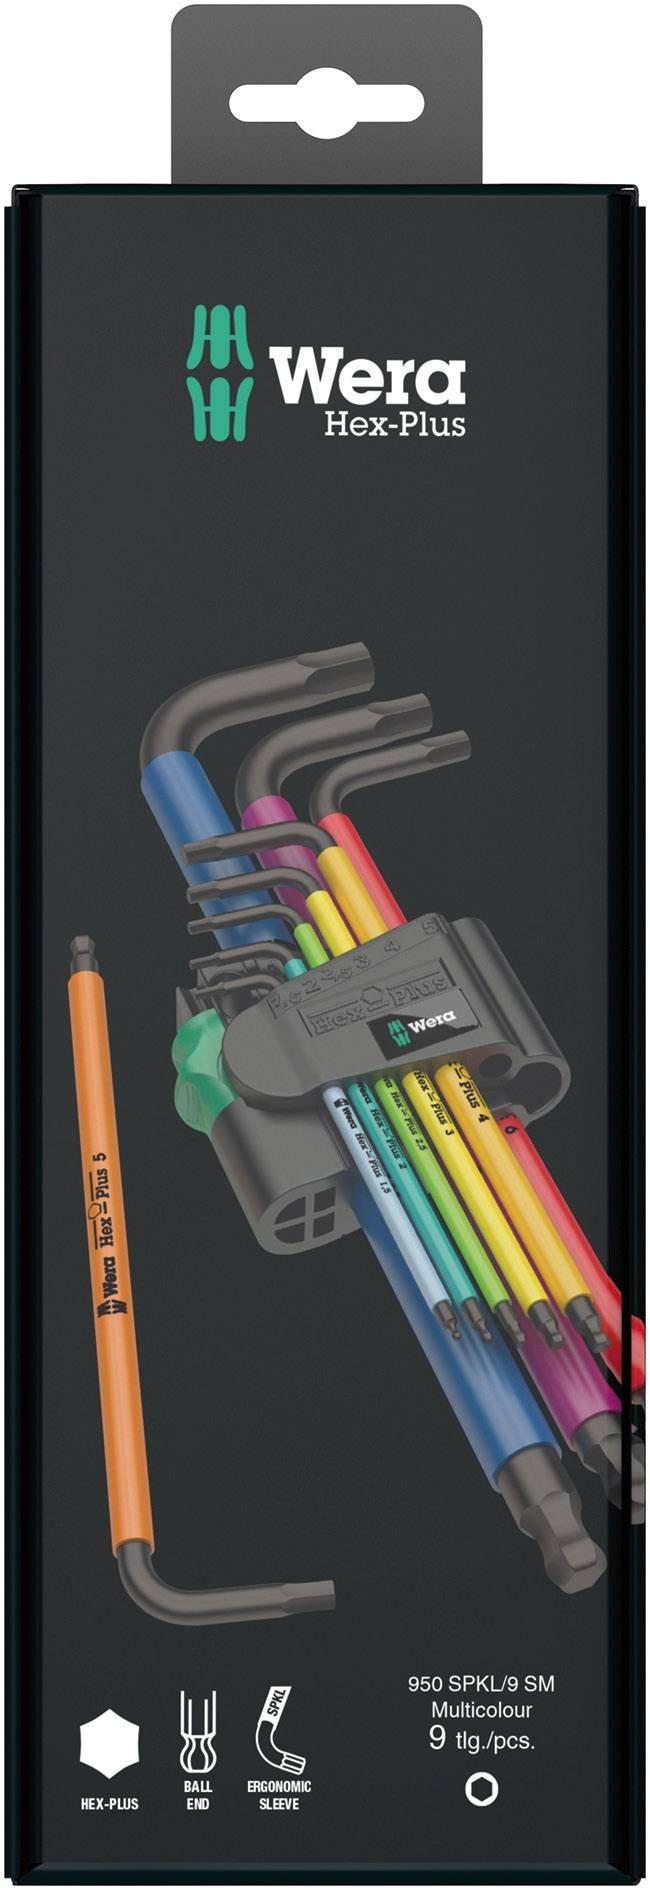 Inbus sada zahnutých kľúčov Wera 950 SPKL/9 SM N Multicolour 05073593001, 9-dielna